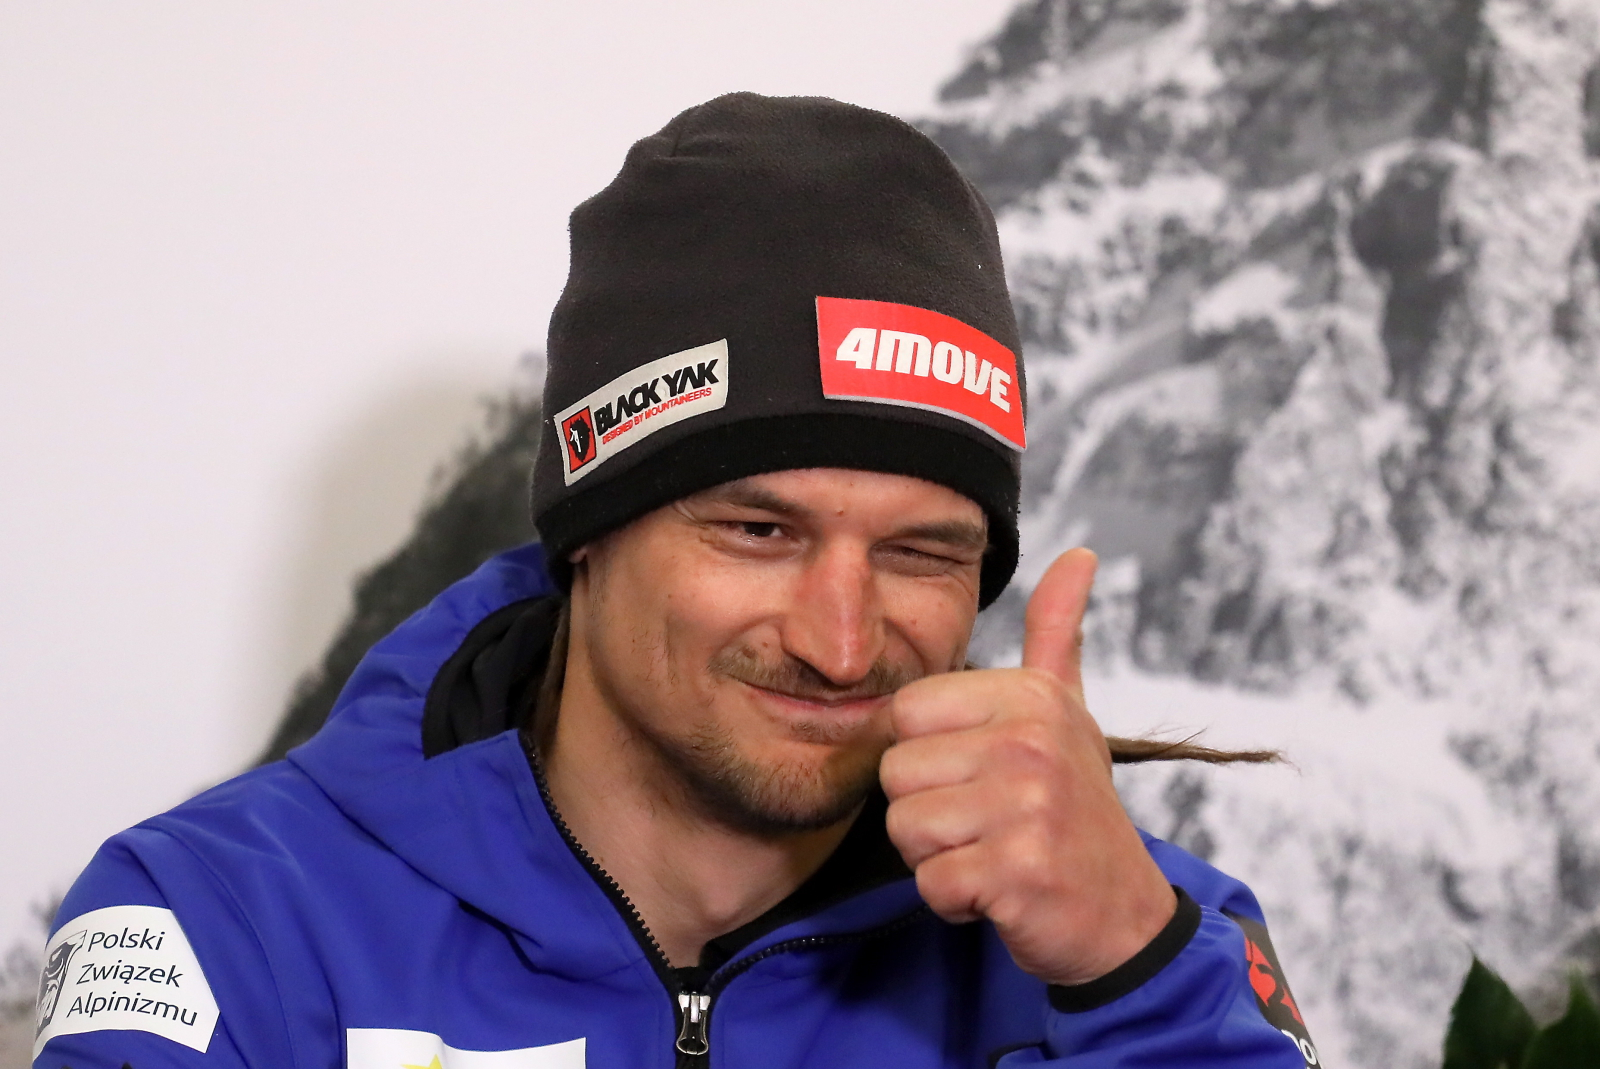 Adam Bielecki na lotnisku Okęcie, po powrocie z Narodowej Zimowej Wyprawy na K2 (fot. PAP / Paweł Supernak)